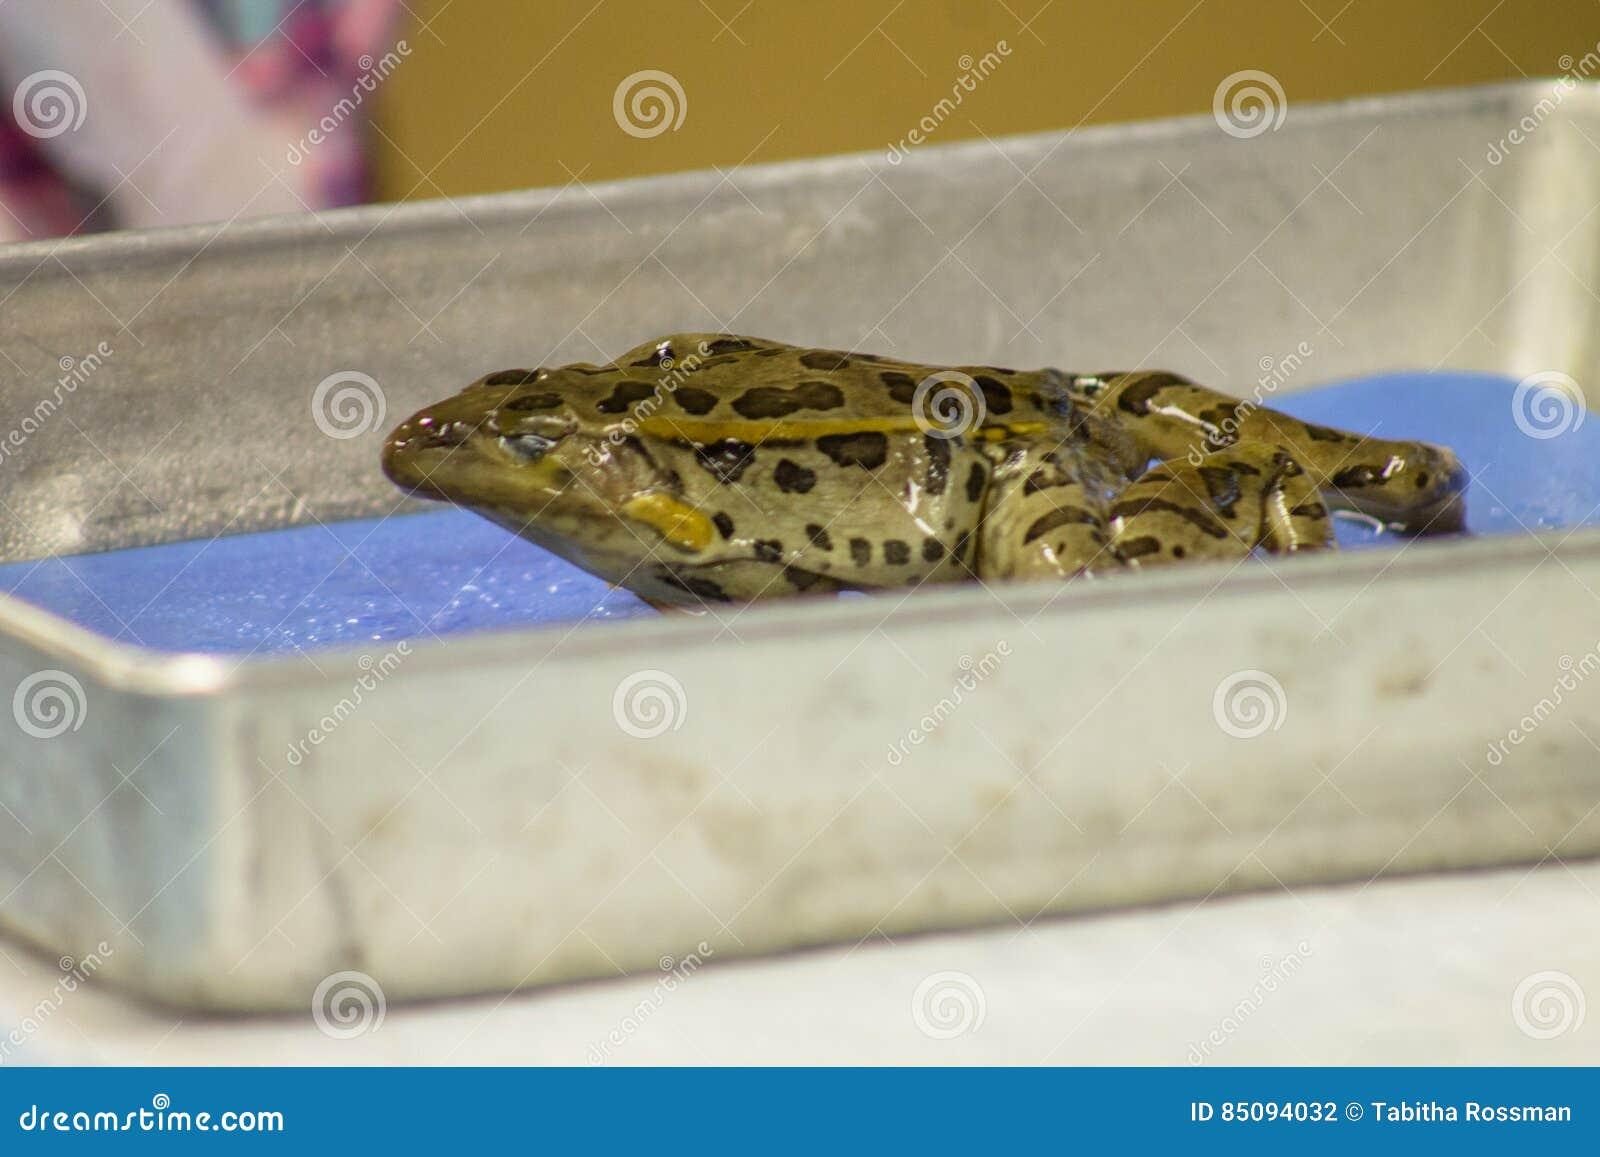 Disección de la rana foto de archivo. Imagen de biología - 85094032